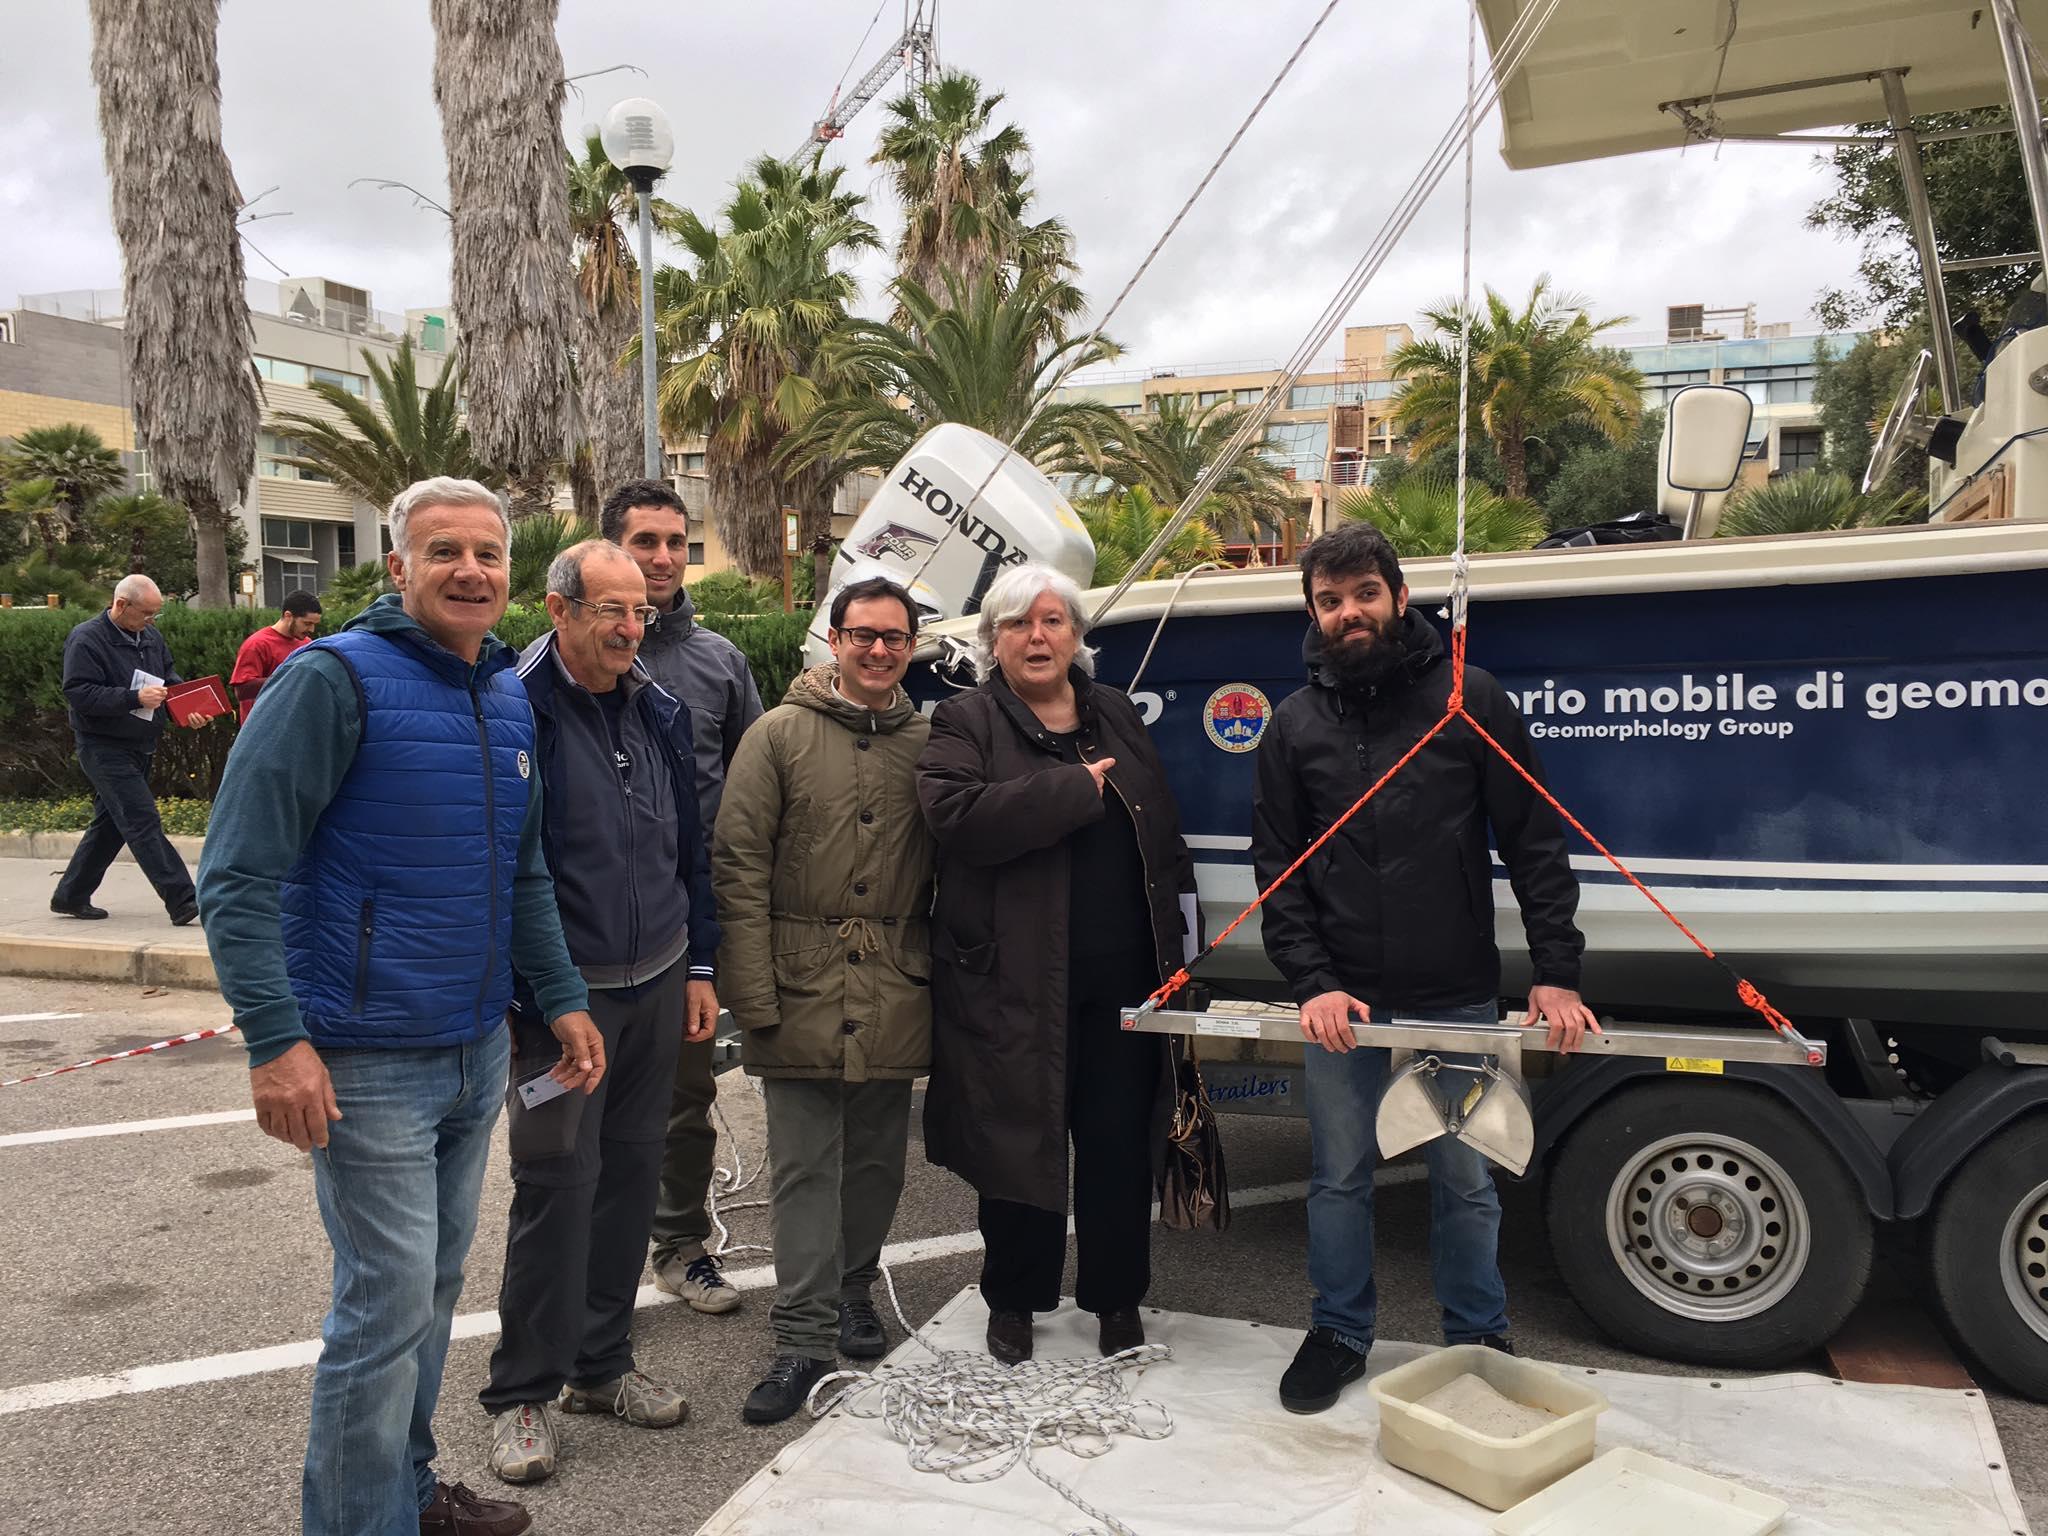 Ambiente, i ricercatori dell'Università di Cagliari studiano l'Arcipelago di La Maddalena.